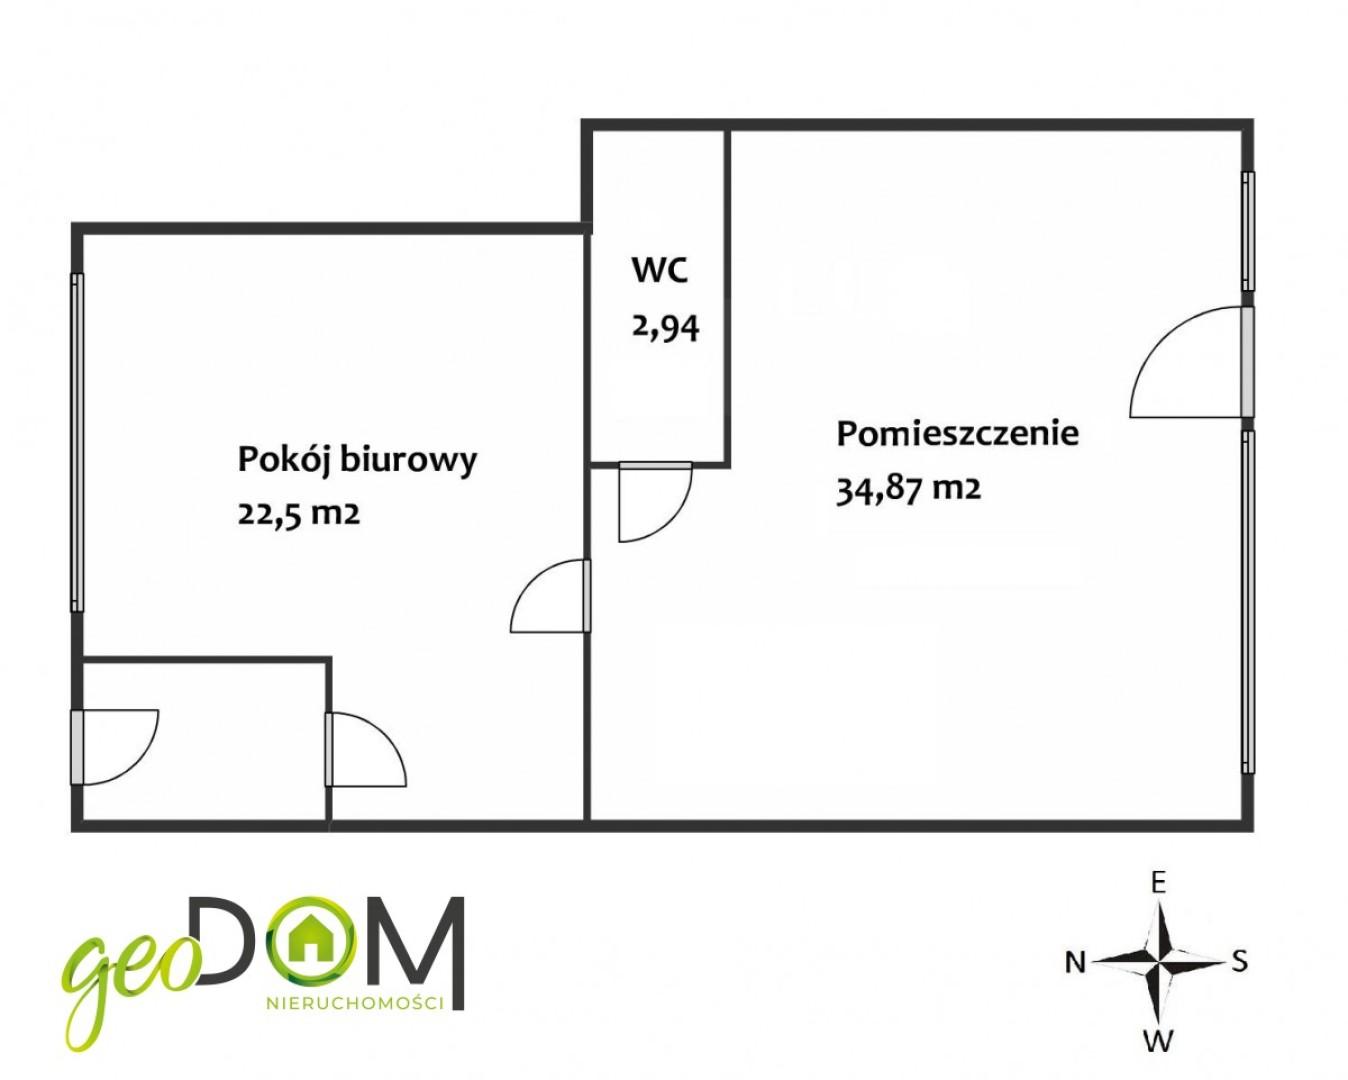 Lokal handlowo-usługowy / mieszkalny.